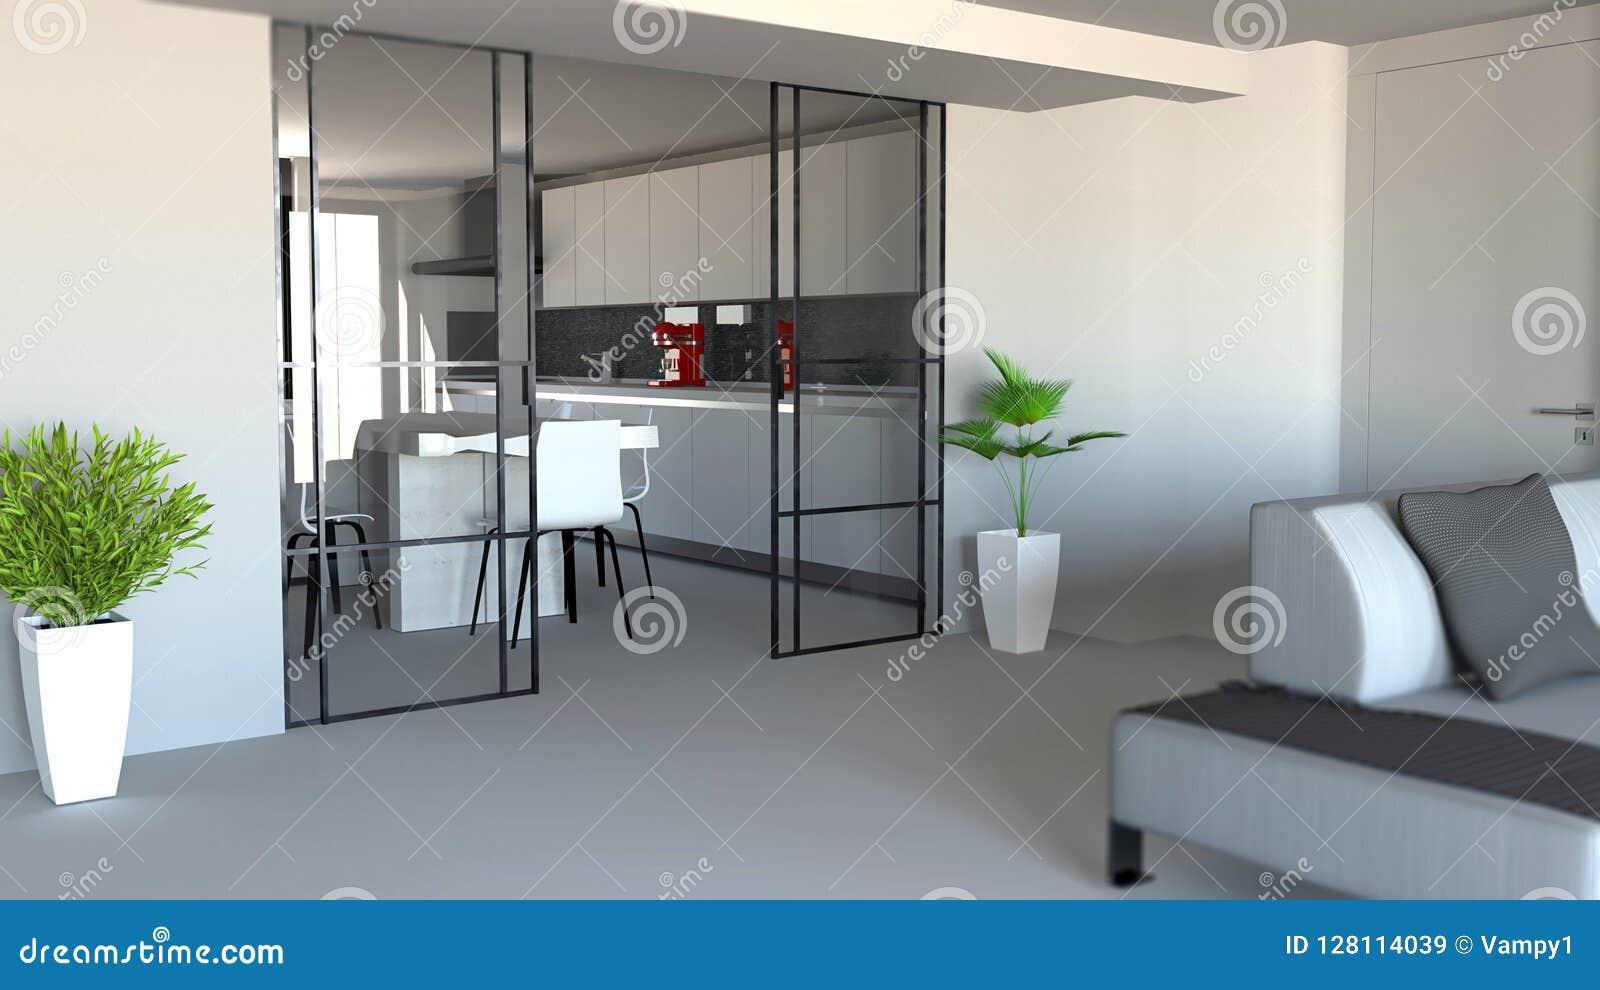 Schiebetür Wohnzimmer | Schiebetur Wohnzimmer Und Kuchenfach Moderner Wohnungseingang